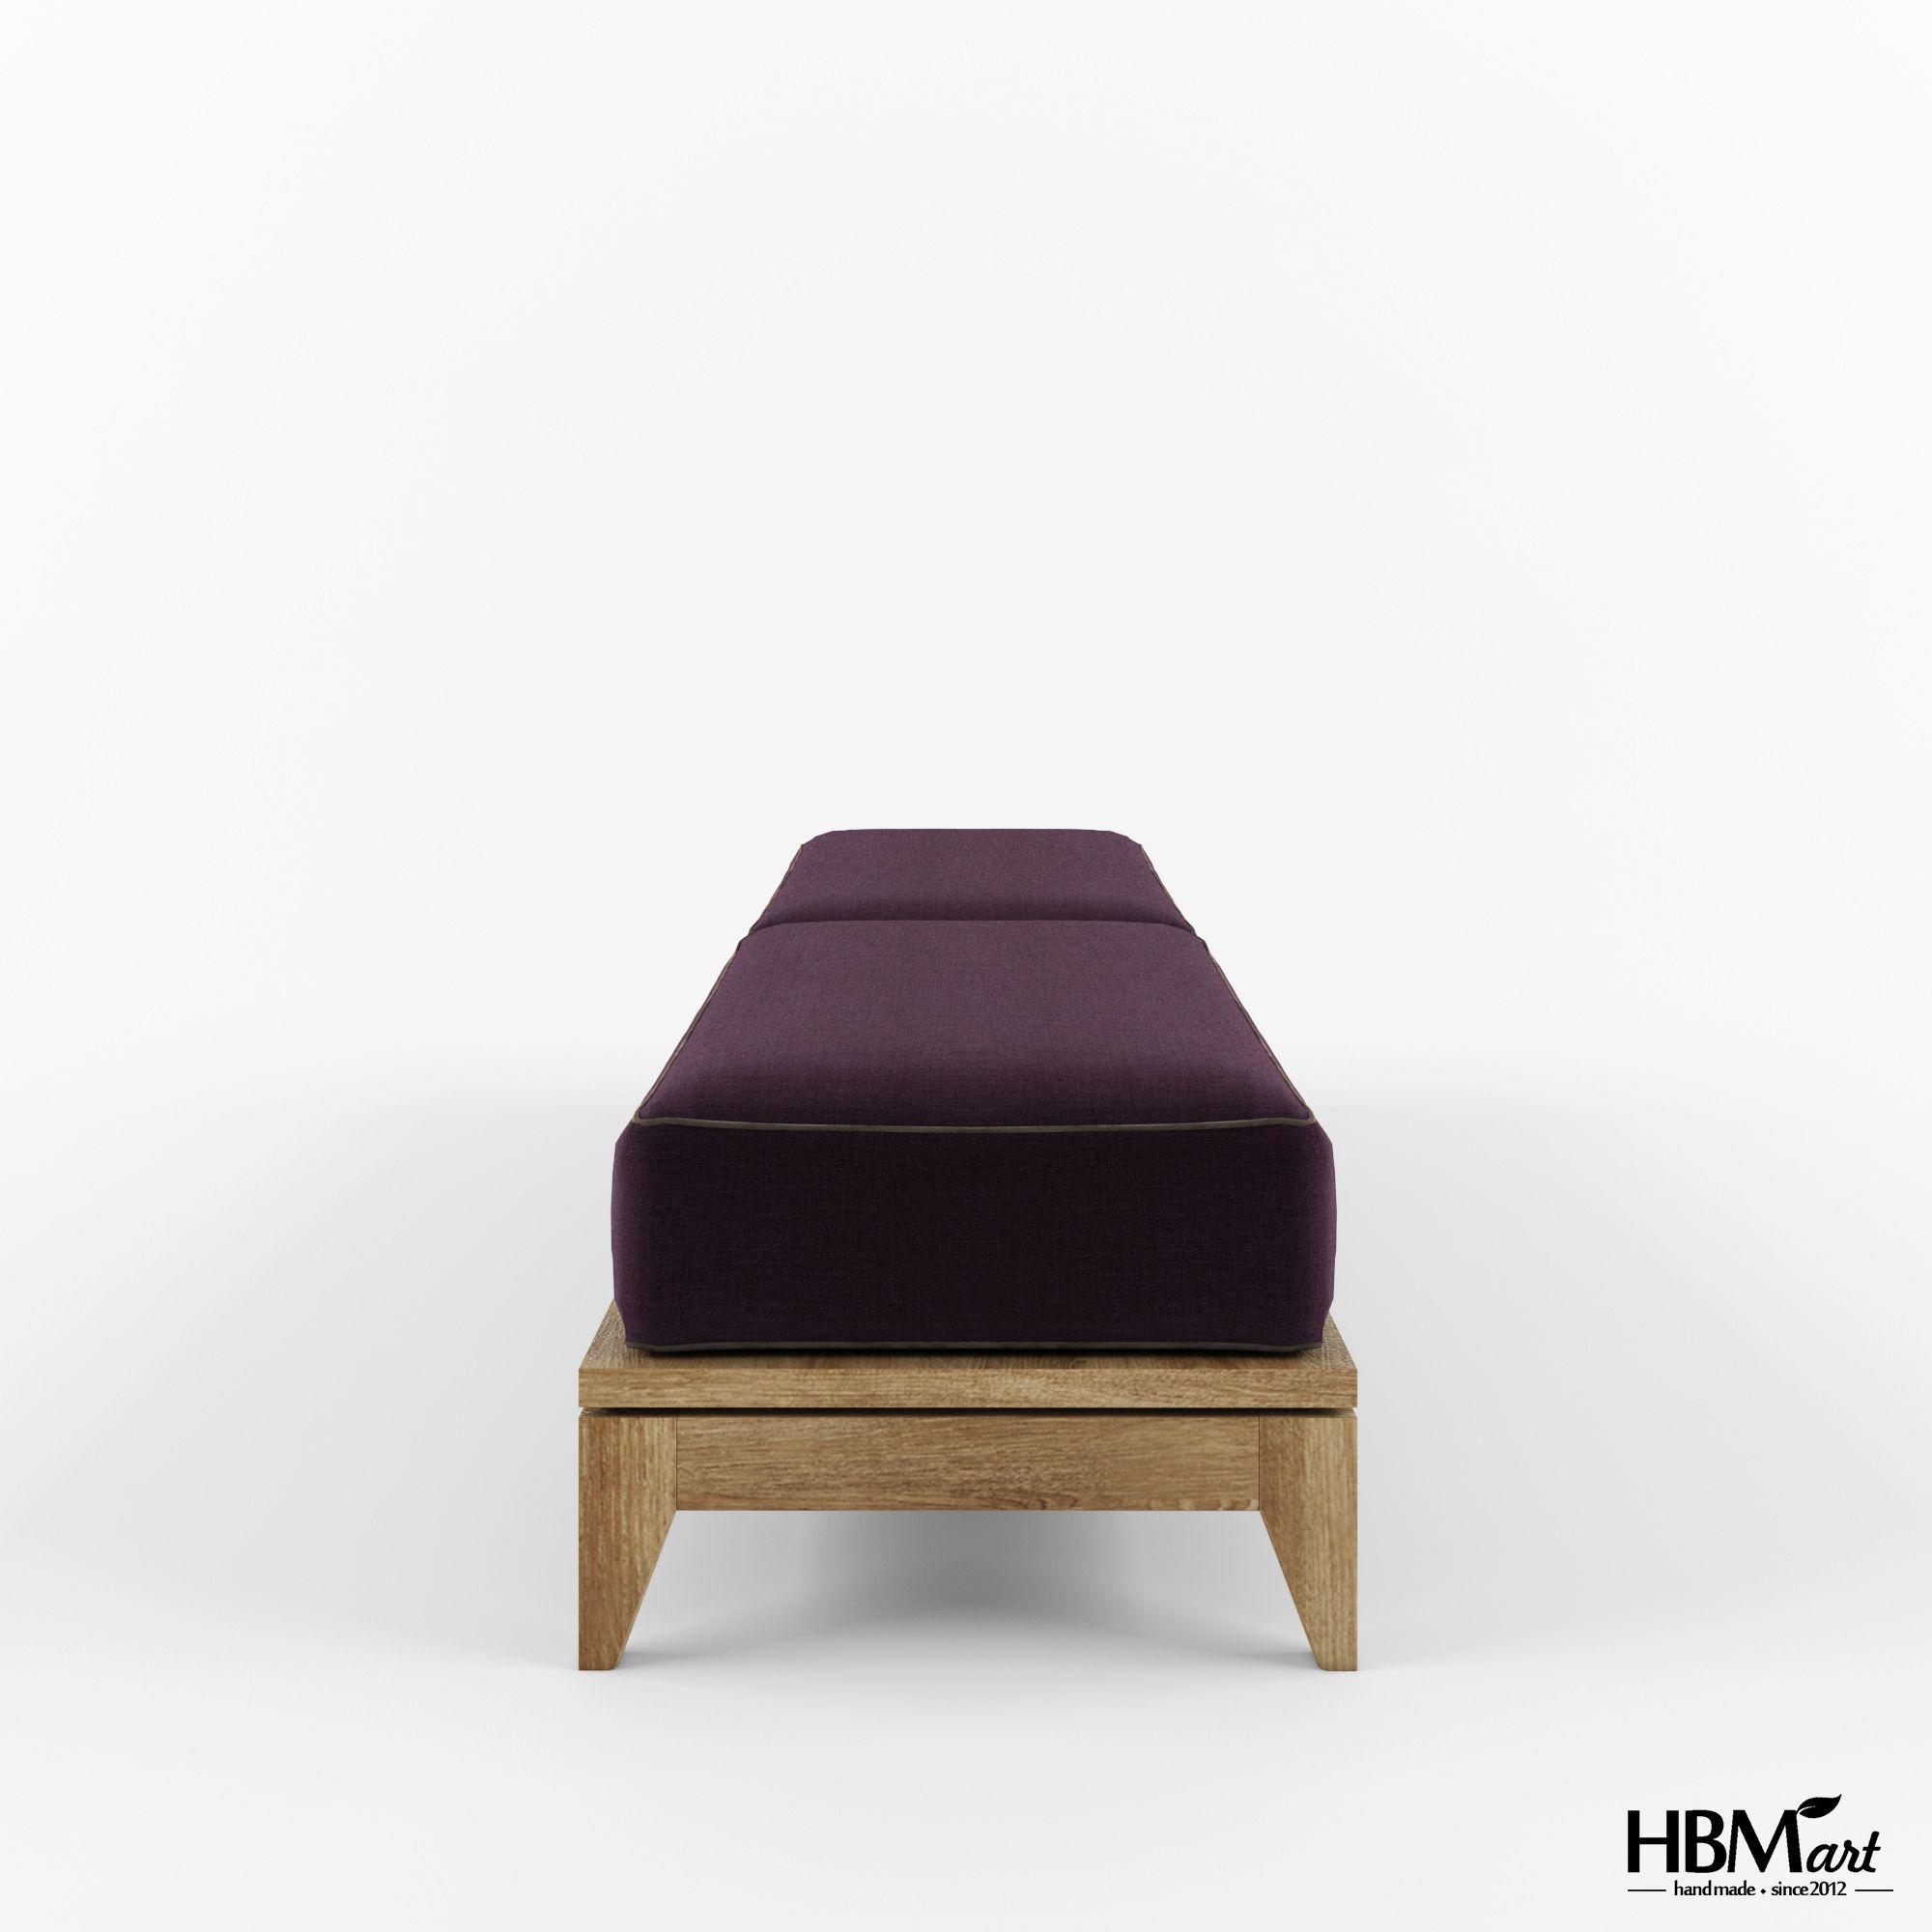 Банкетка из Коллекции OPIUM от HBMart - массив дуба с покрытием из льняного масла и пчелиного воска.